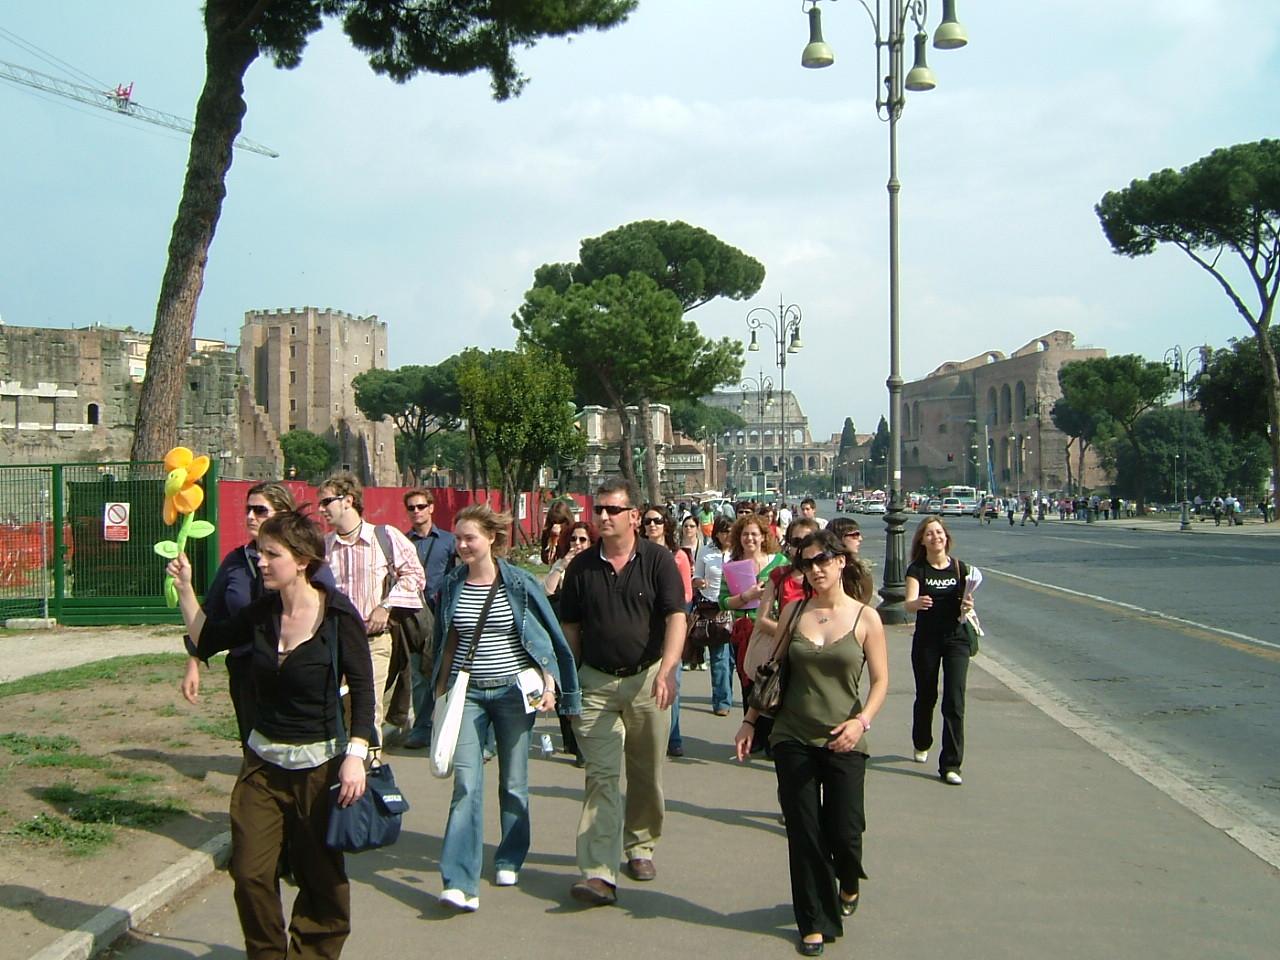 2005. Recorrido por los foros Roma.